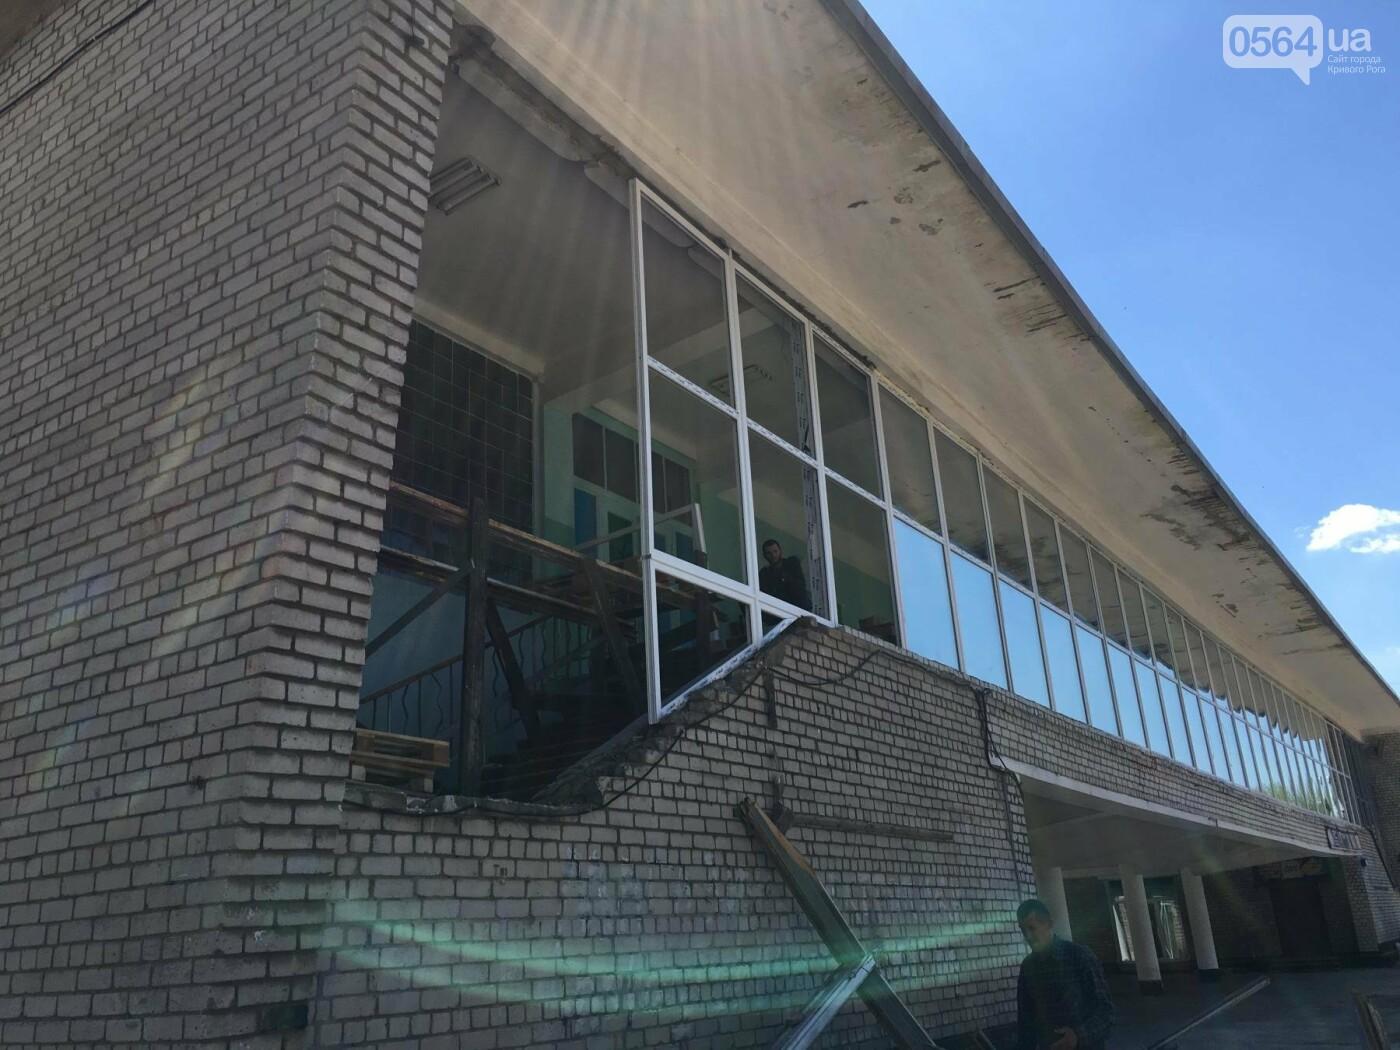 В Кривом Роге перед Дворцом культуры убрали остатки памятника Ленину (ФОТО), фото-5